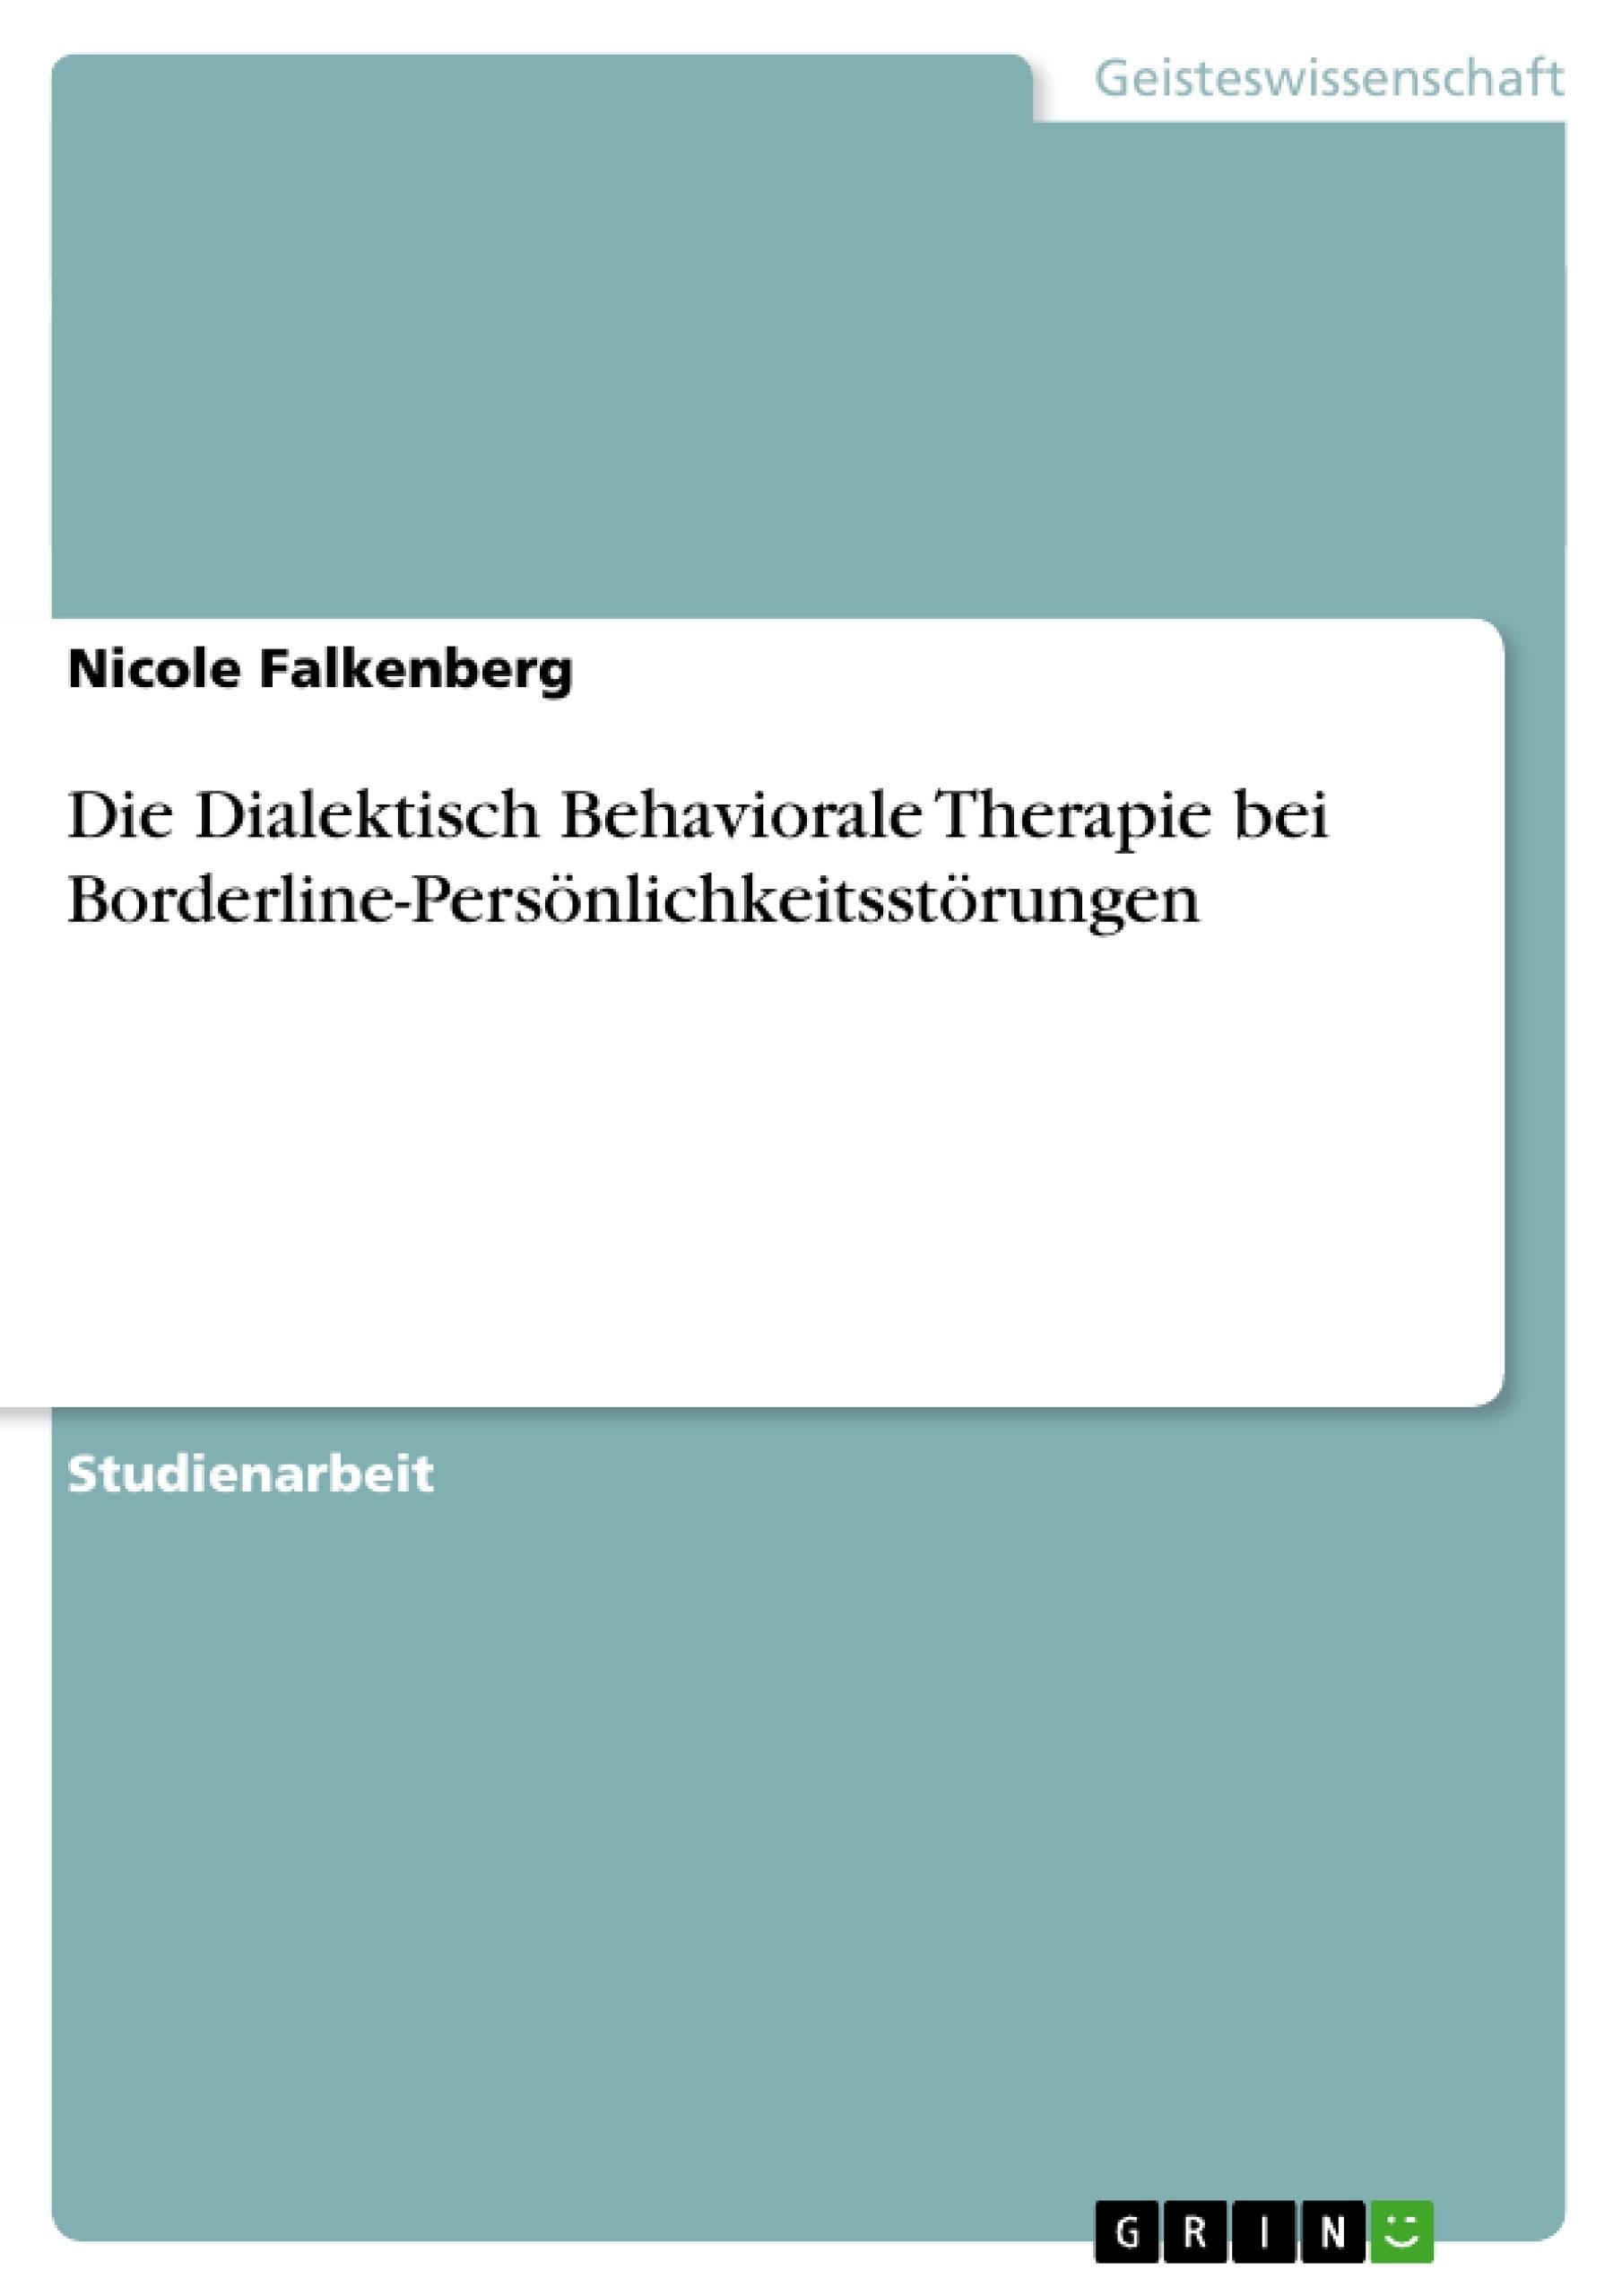 Titel: Die Dialektisch Behaviorale Therapie bei Borderline-Persönlichkeitsstörungen